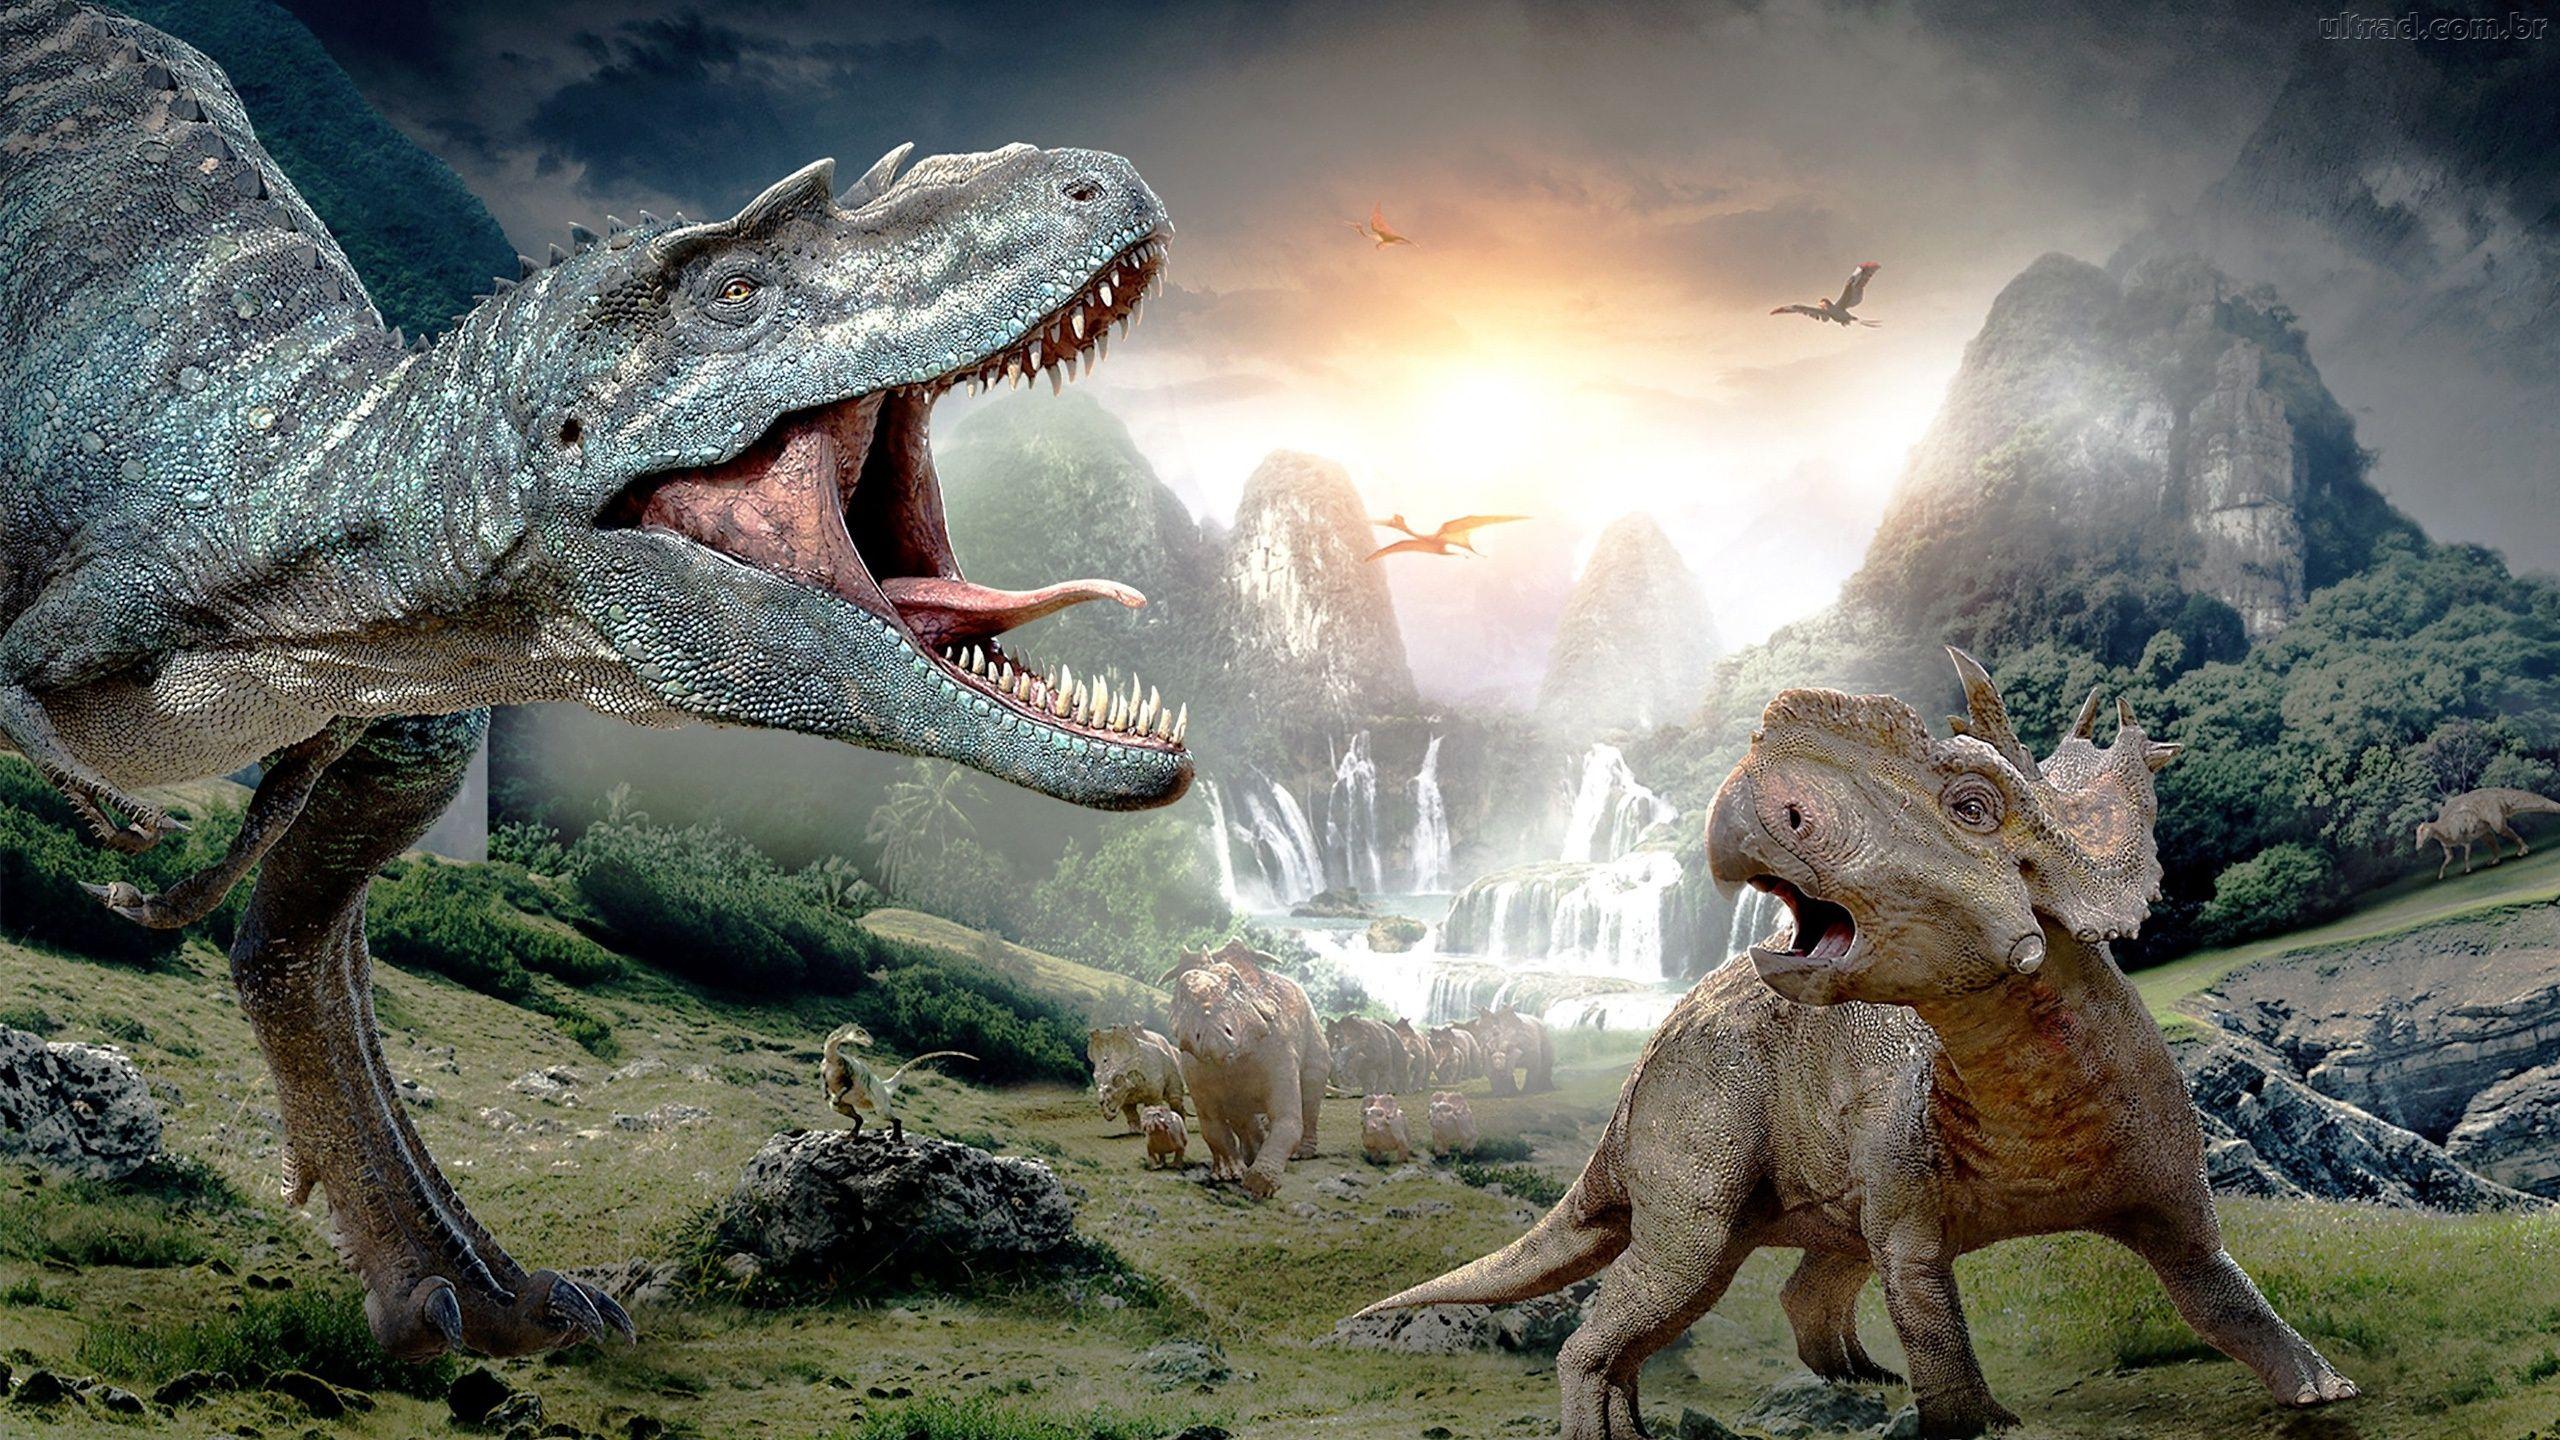 [Curta Animado] Como os dinossauros desapareceram?